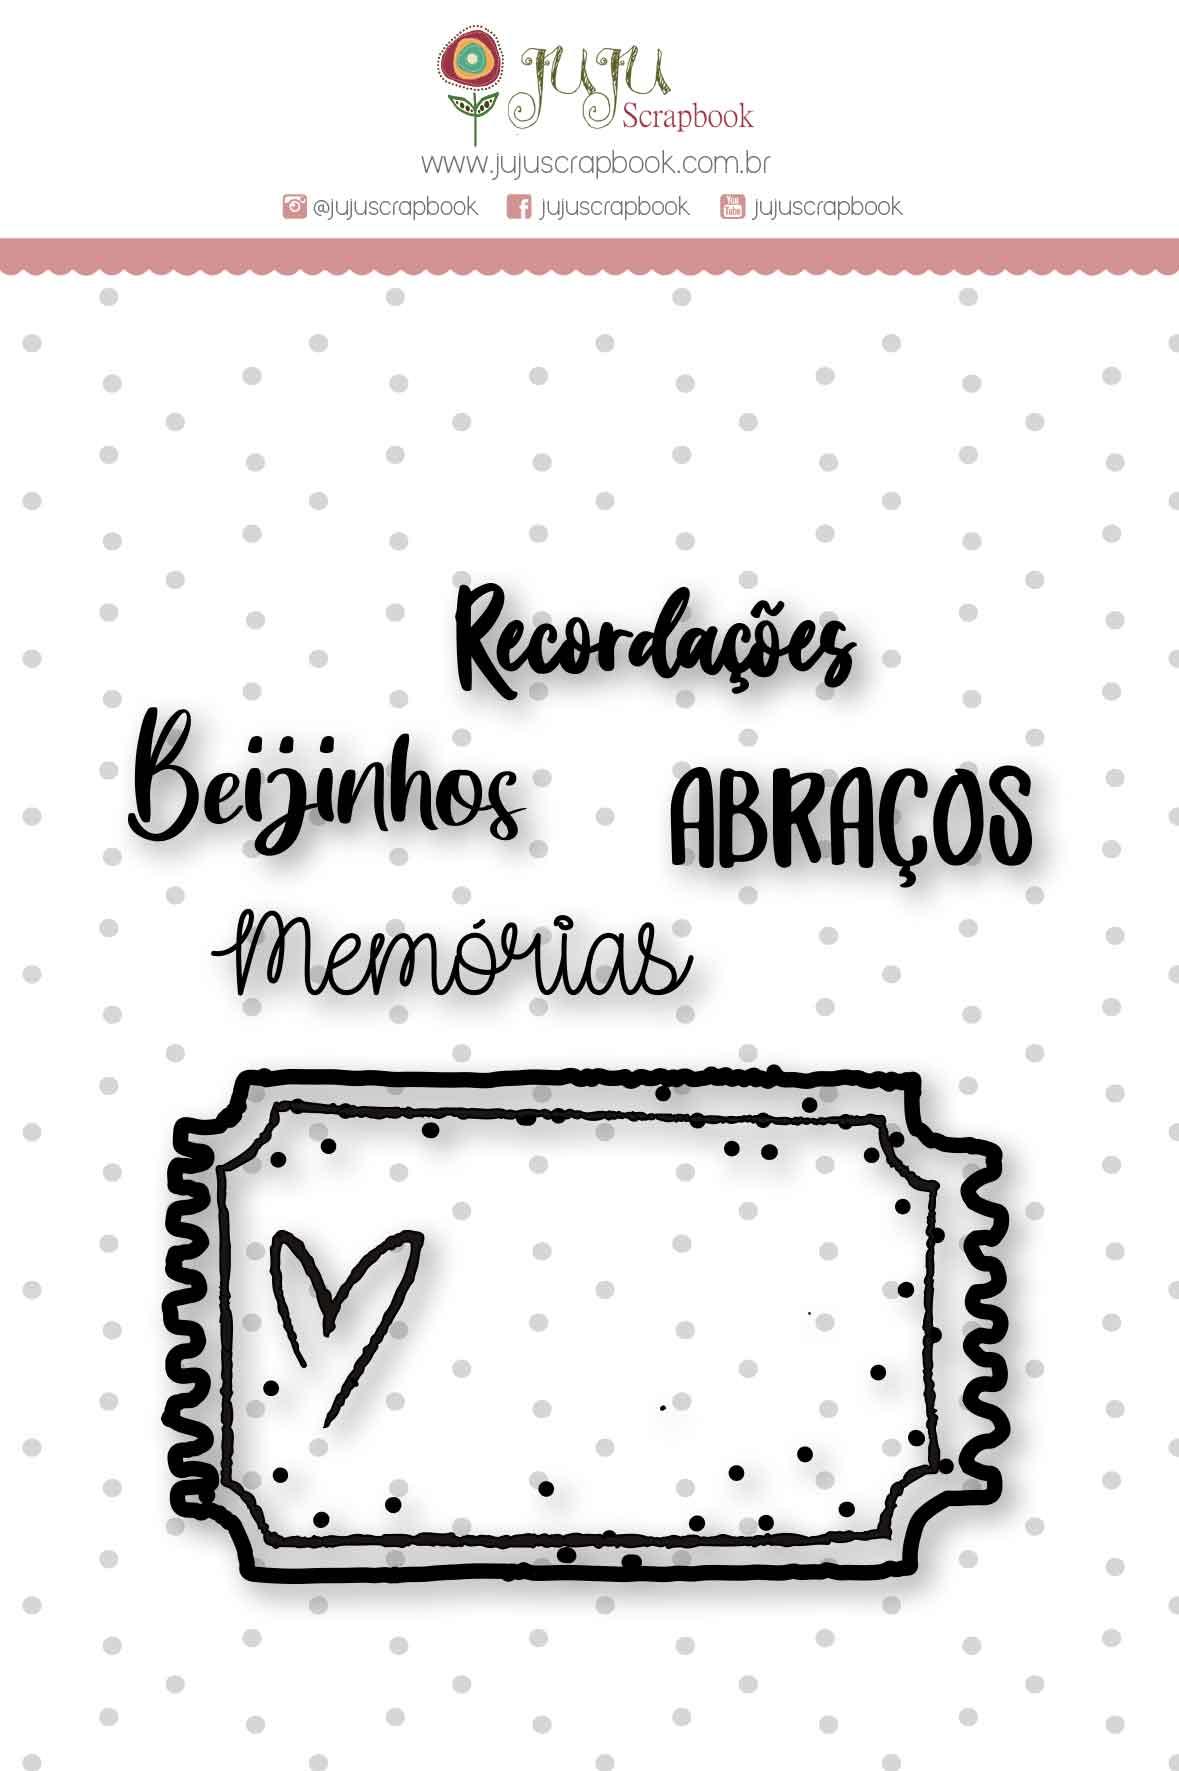 Carimbo M Sentimentos - Coleção Espalhando Amor - JuJu Scrapbook  - JuJu Scrapbook